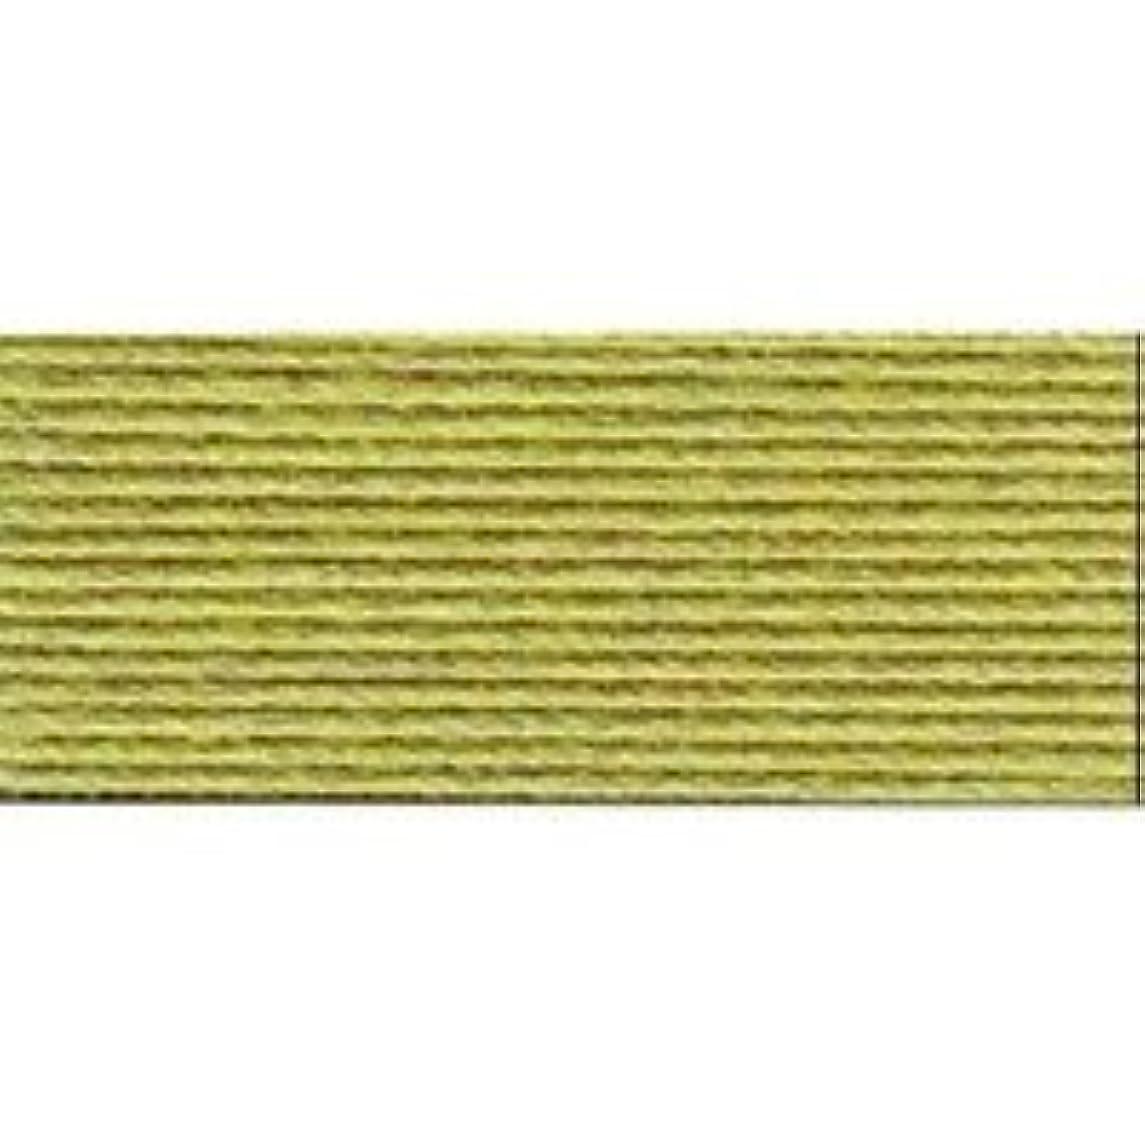 Handy Hands Lizbeth Premium Cotton Thread, Size 40, Leaf Green Light